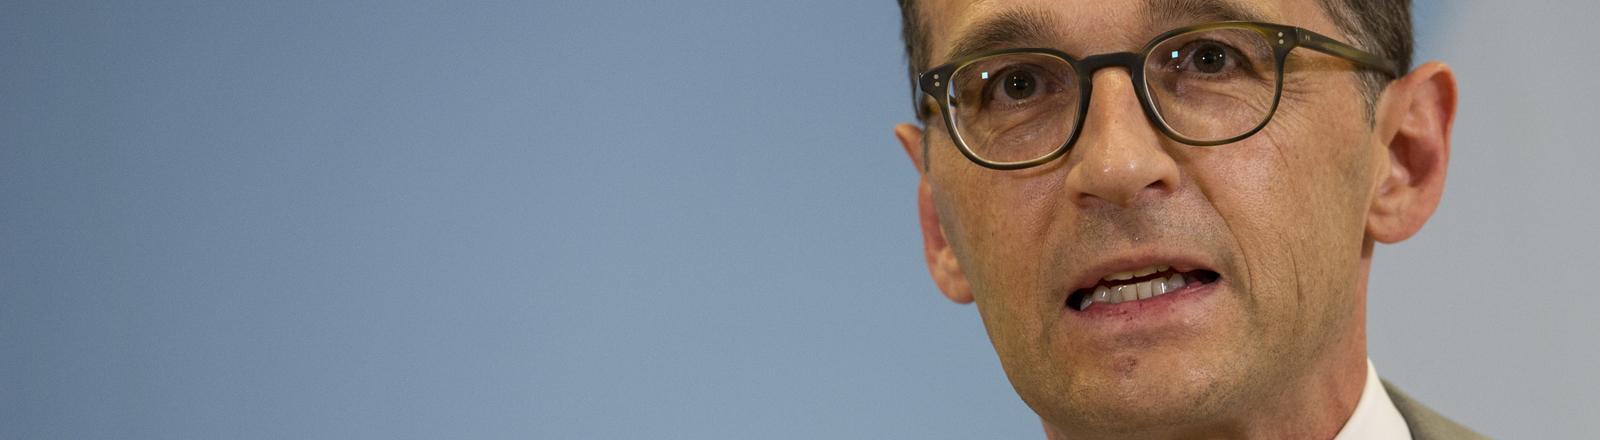 Bundesjustizminister Heiko Maas (SPD) äußert sich am 04.08.2015 in Berlin gegenüber Journalisten zur Affäre um die Landesverrats-Ermittlungen gegen Journalisten des Blogs Netzpolitik.org.